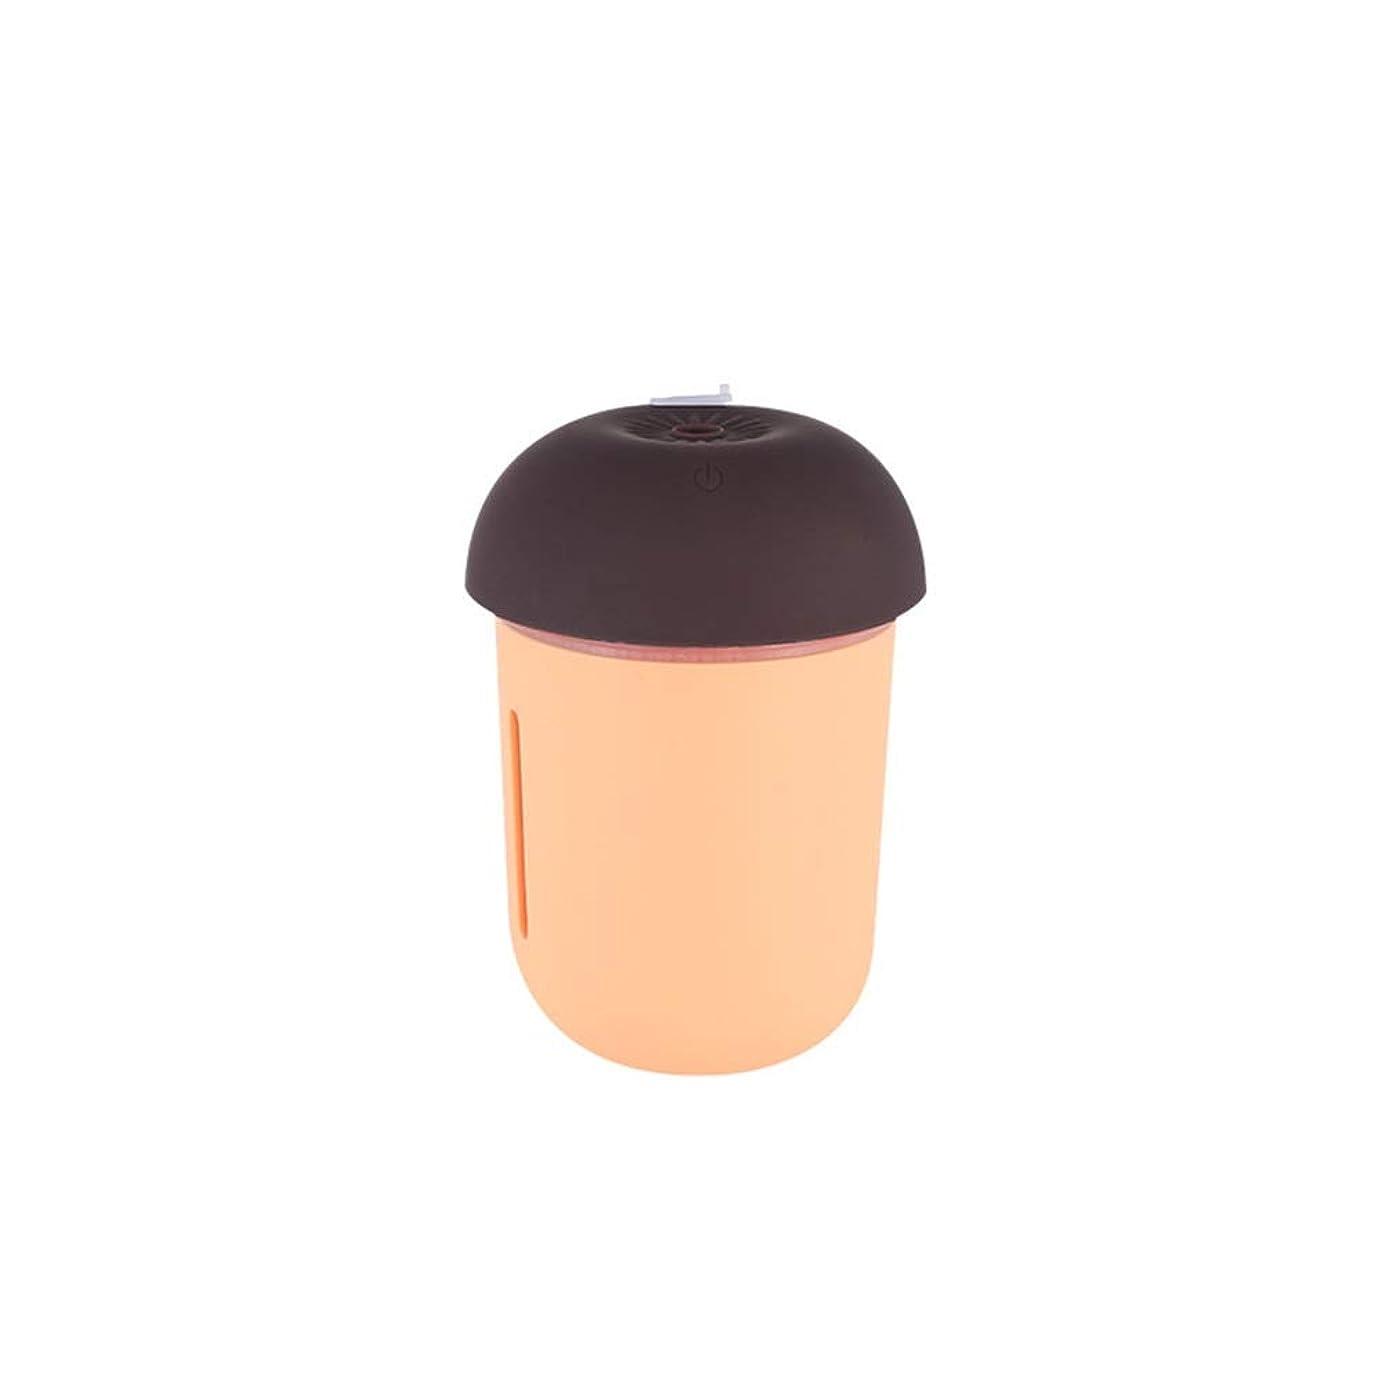 時刻表早い不機嫌そうなZXF 新しいクリエイティブusb充電車の空気清浄機多機能水道メーターファンナイトライトスリーインワンきのこ加湿器オレンジピンク 滑らかである (色 : Orange)